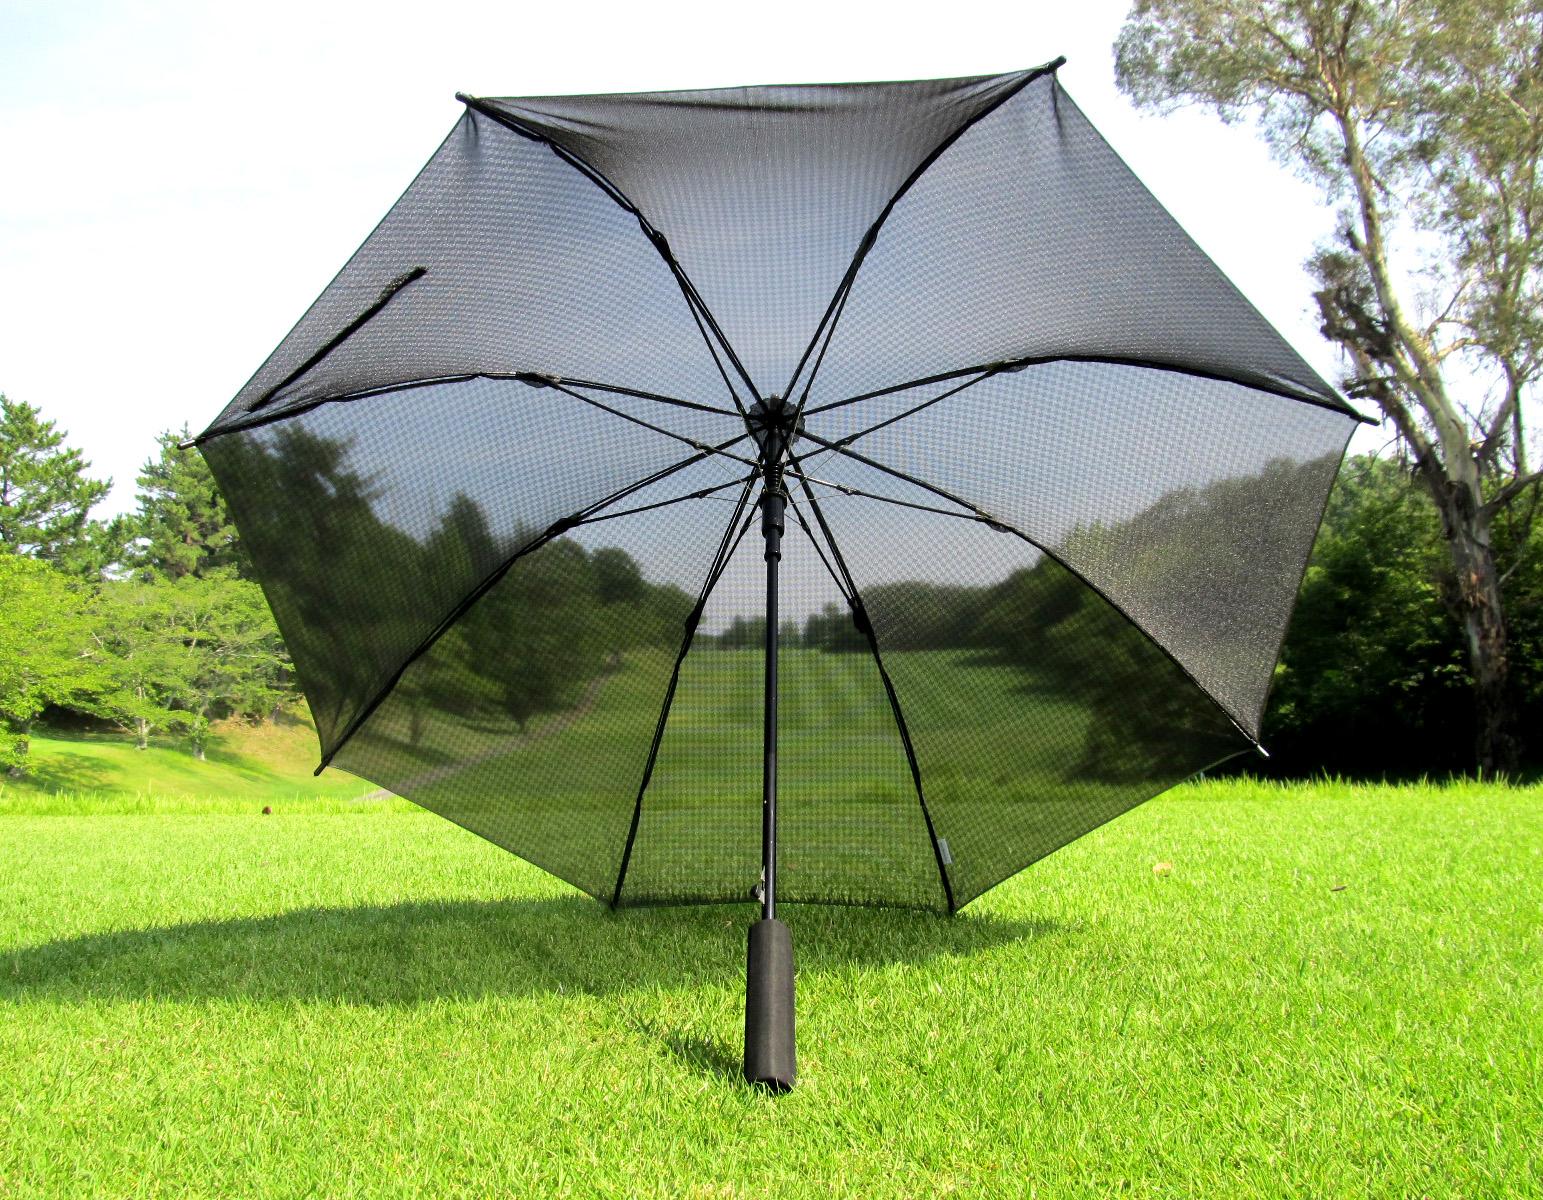 キャスコの「軽量メッシュワンタッチ日傘」はメッシュになっているので通気性抜群